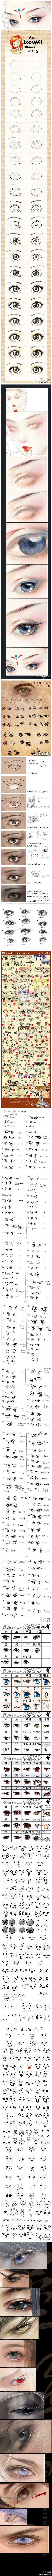 Anime eyes everywhere (・ω・)ノ: